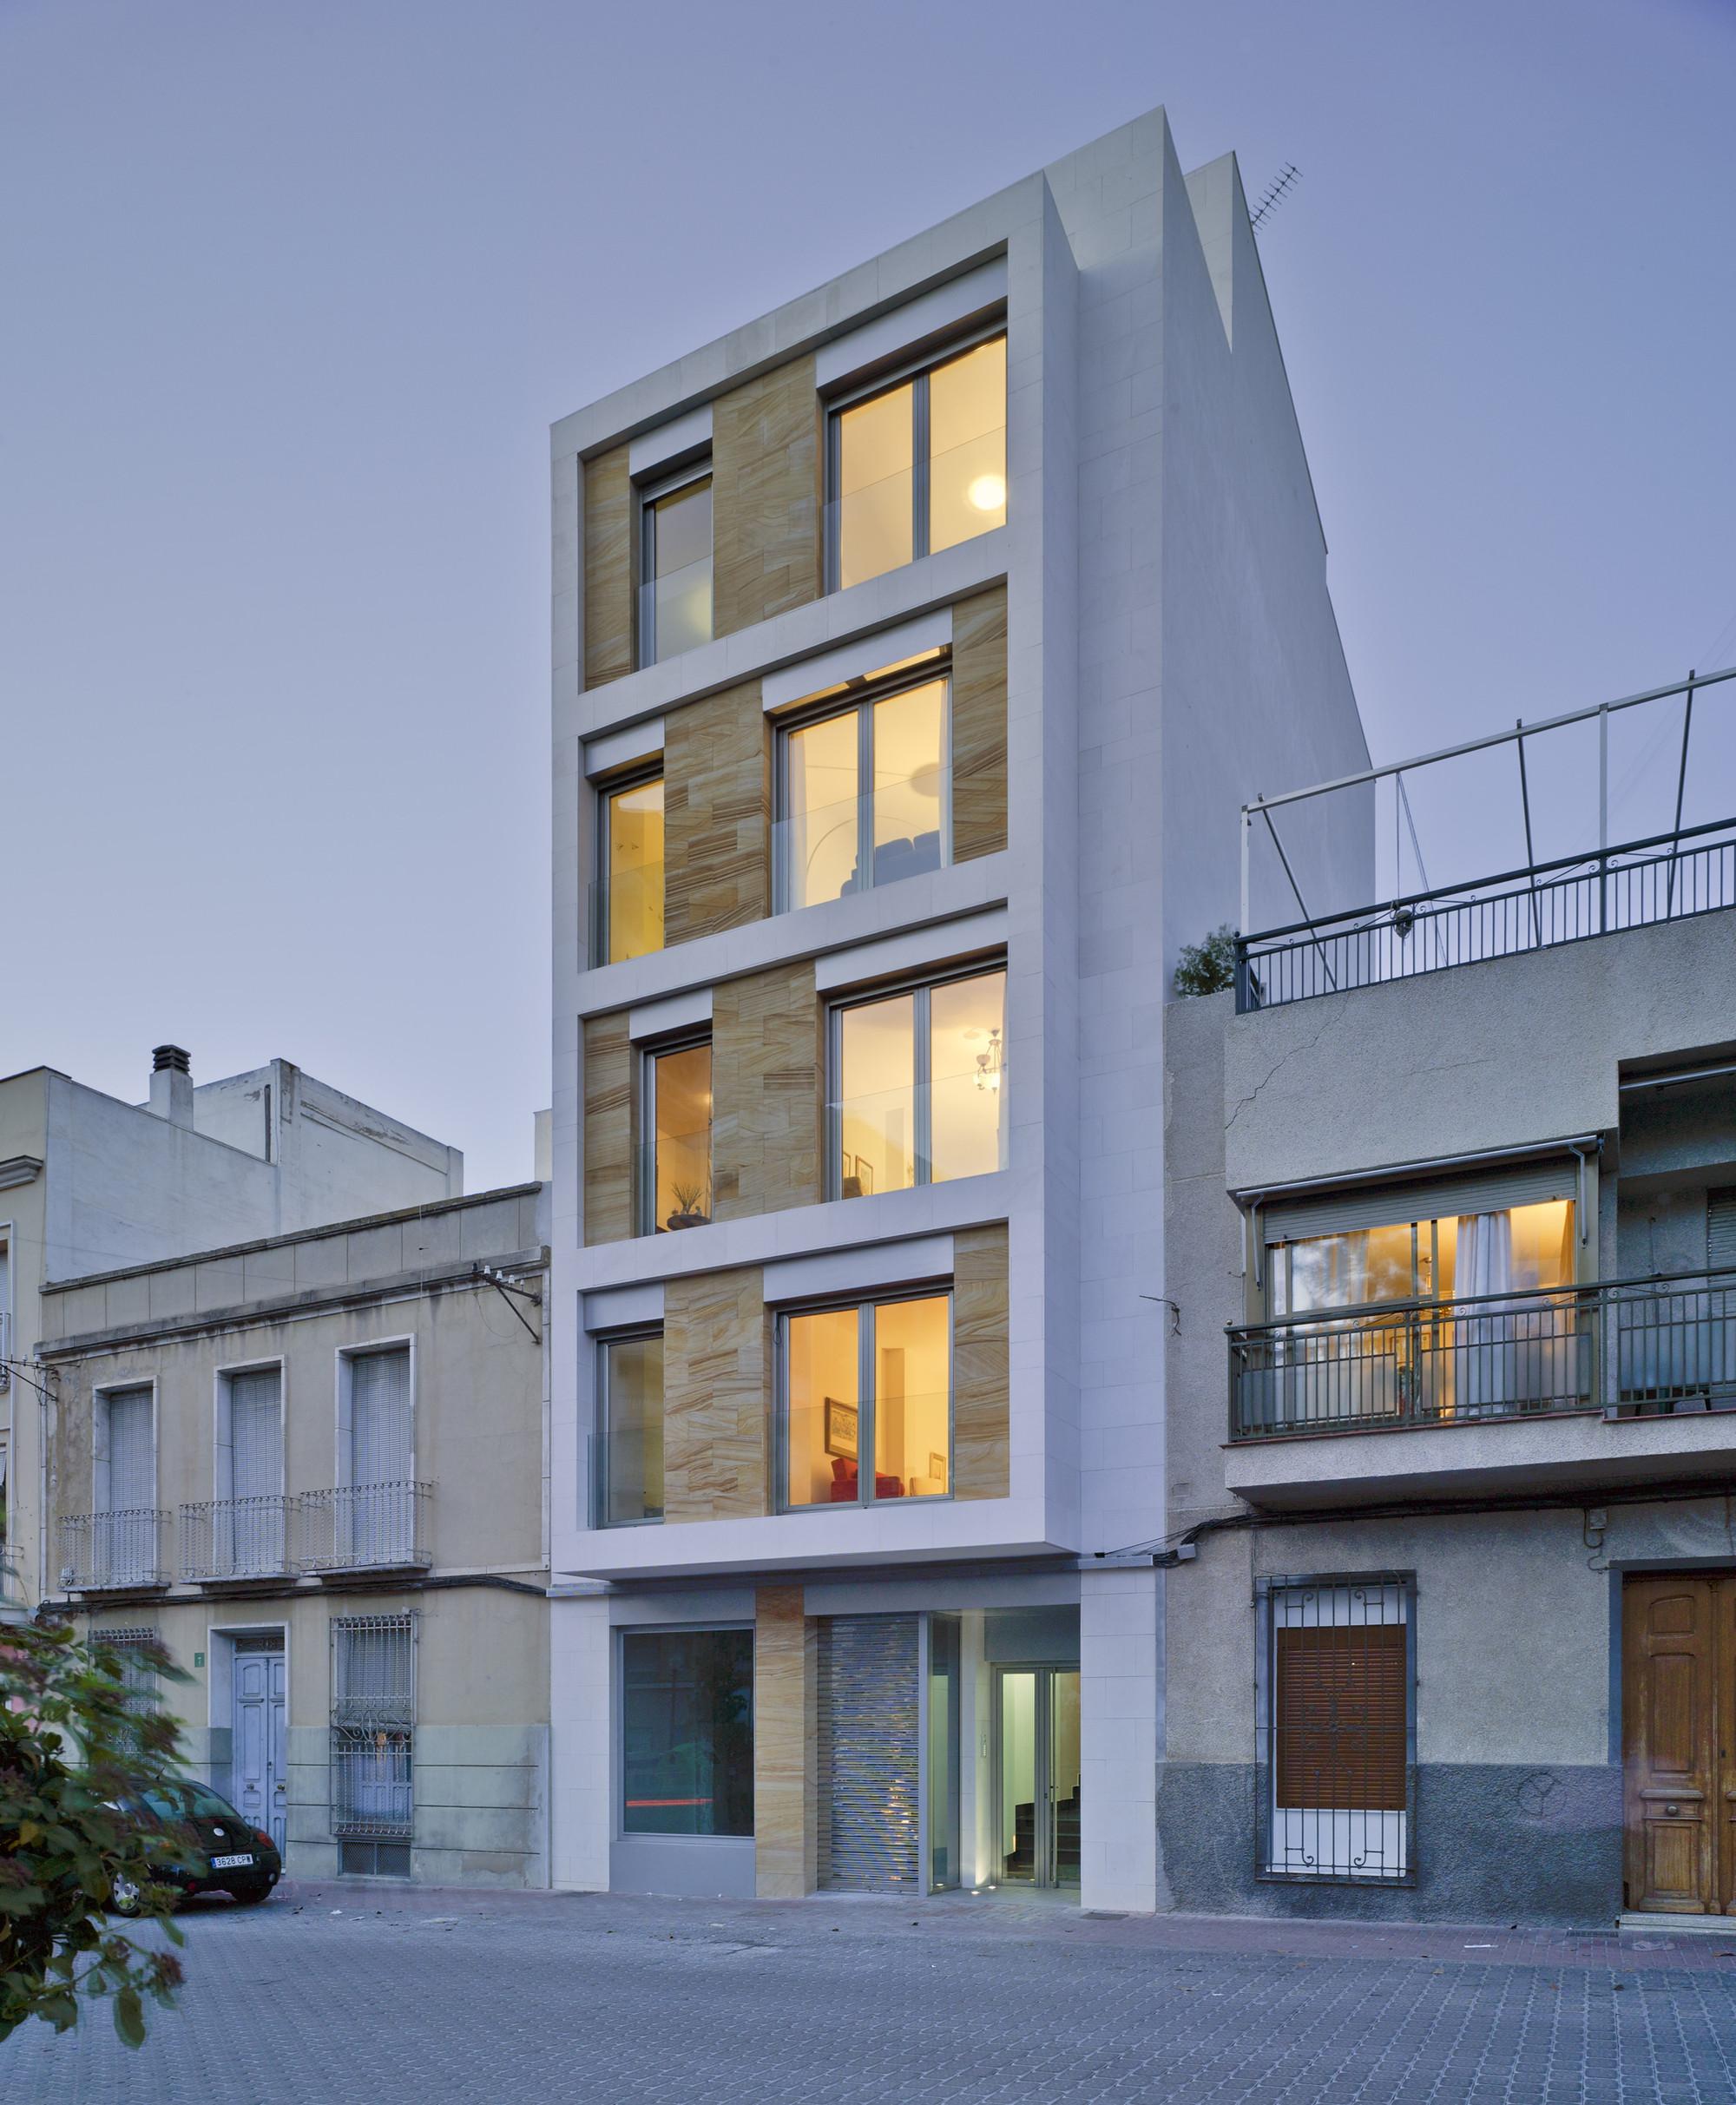 Residential building in cieza xavier ozores archdaily for Fachada apartamentos pequenos